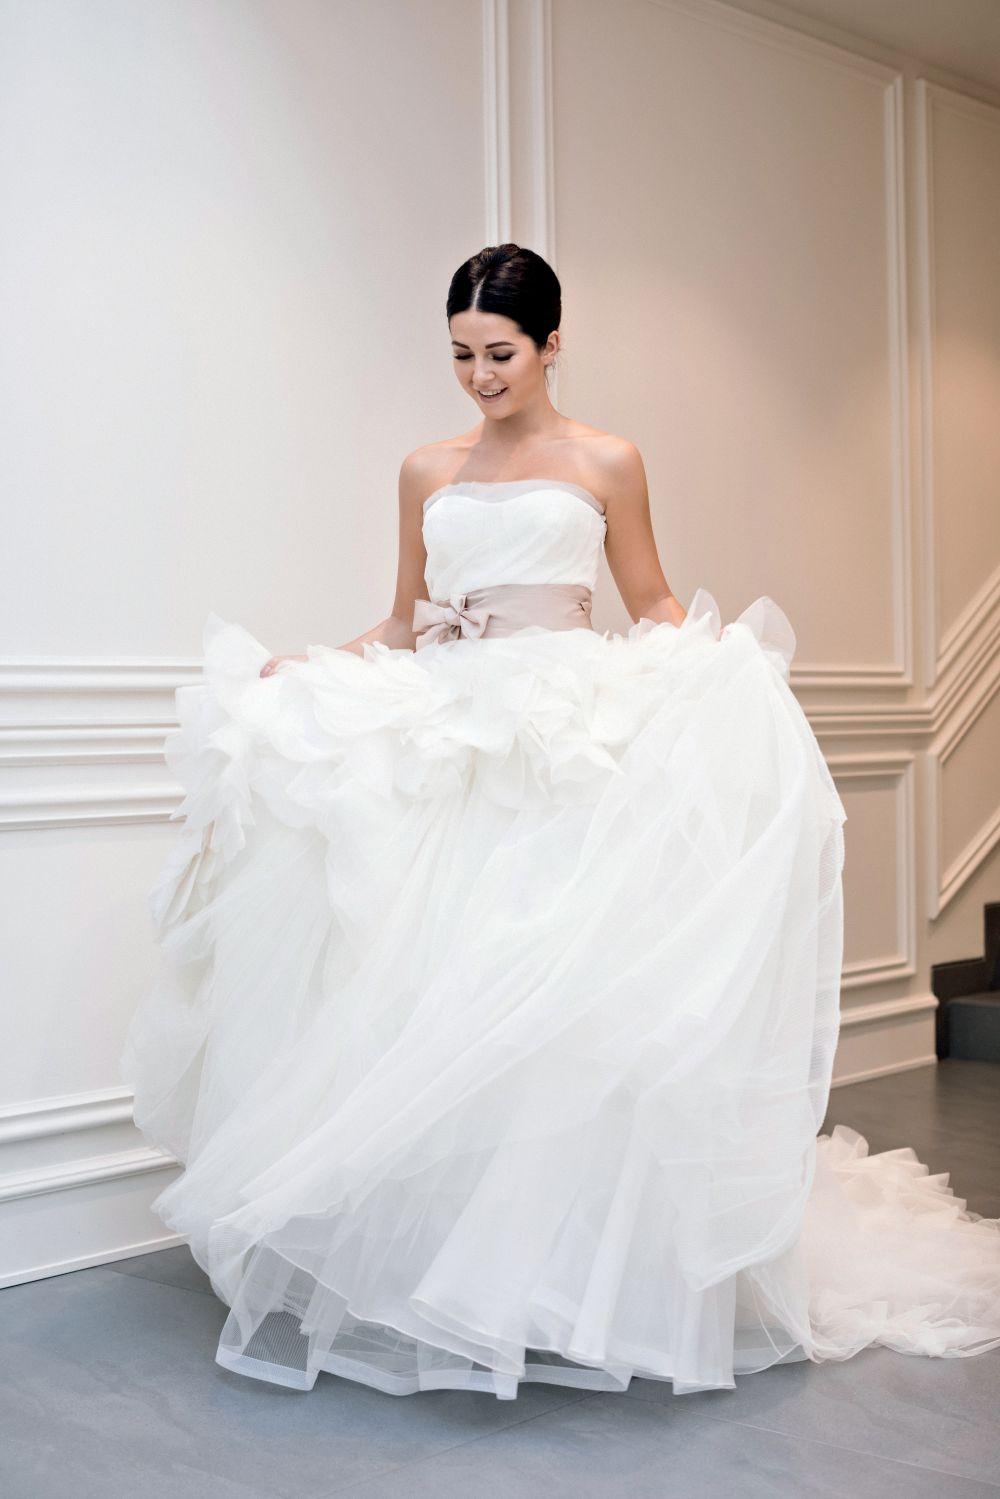 можно нюша устроила фотосессию накануне свадьбы лаком покрыла